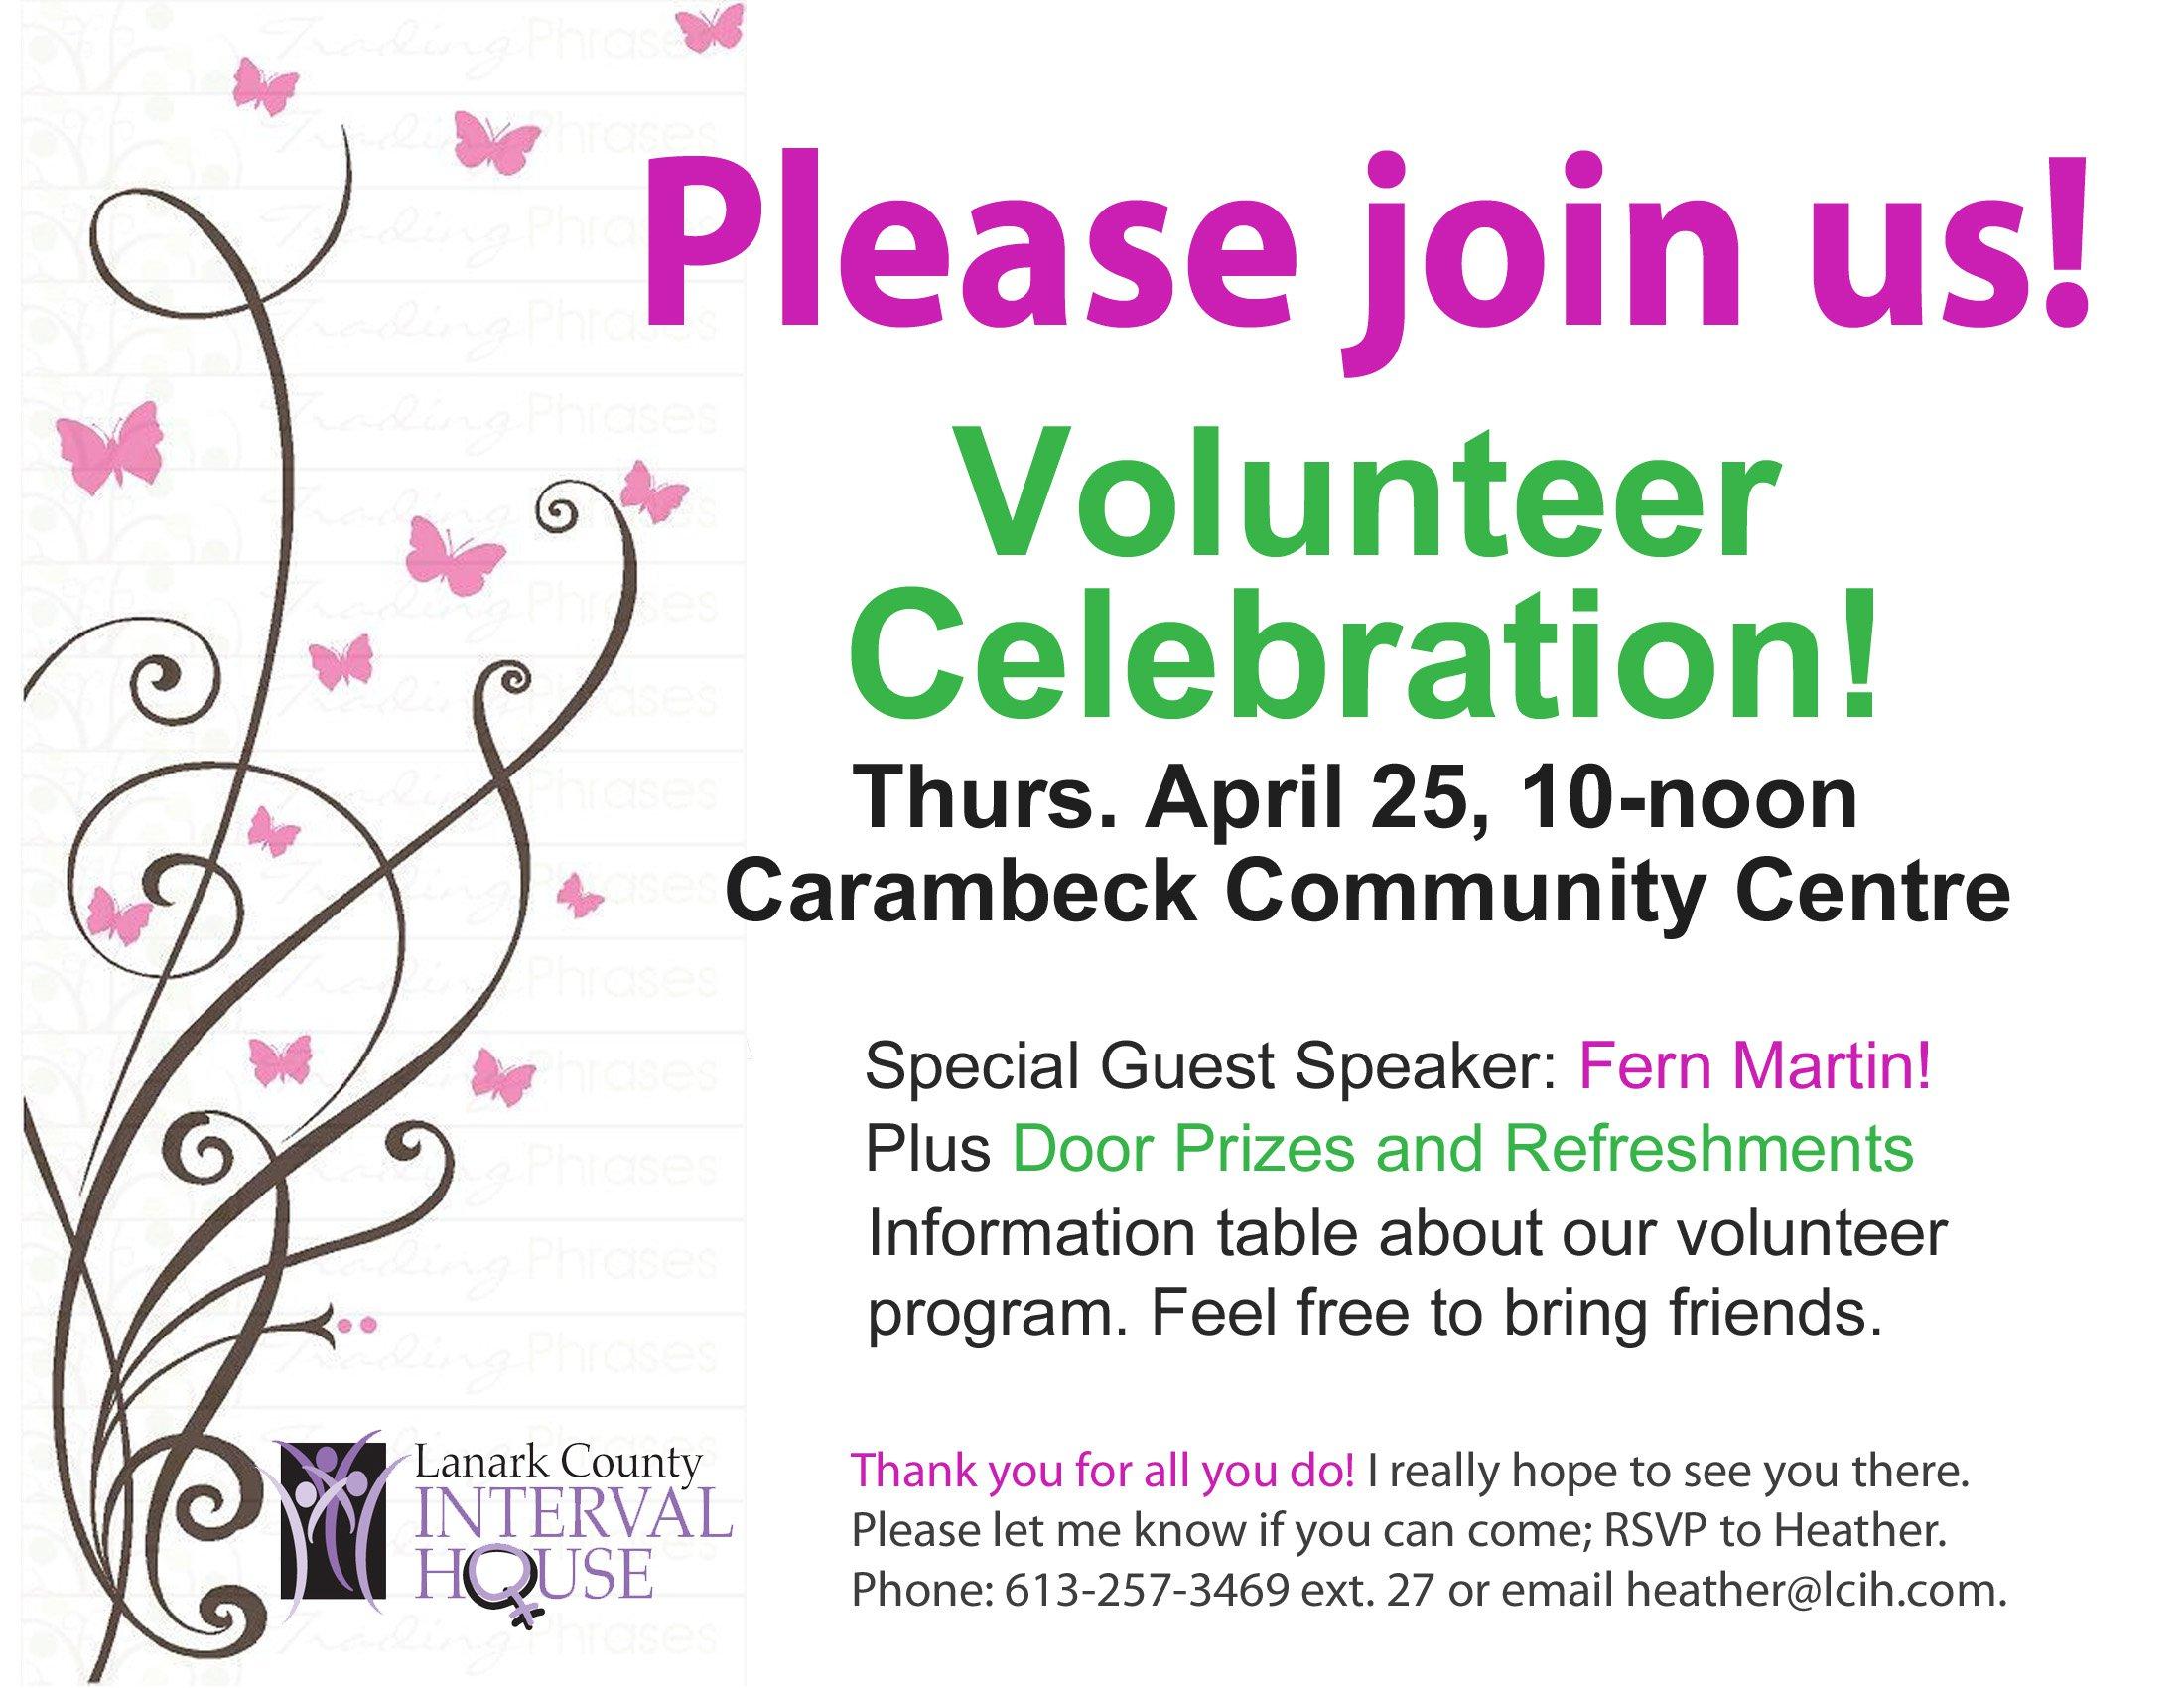 Volunteer Appreciation Invitation Wording